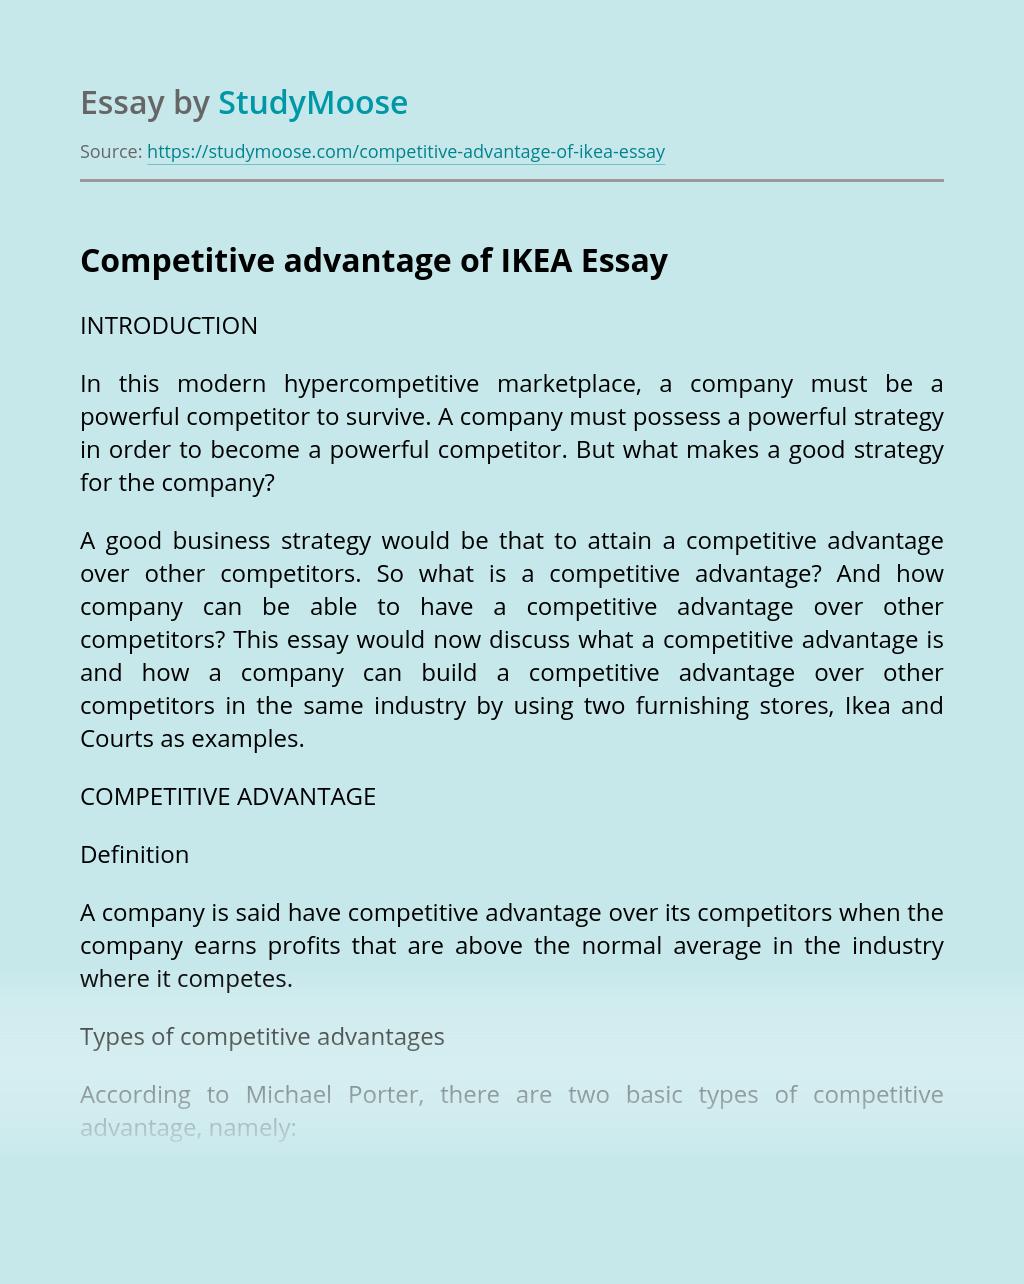 Competitive Advantage of IKEA